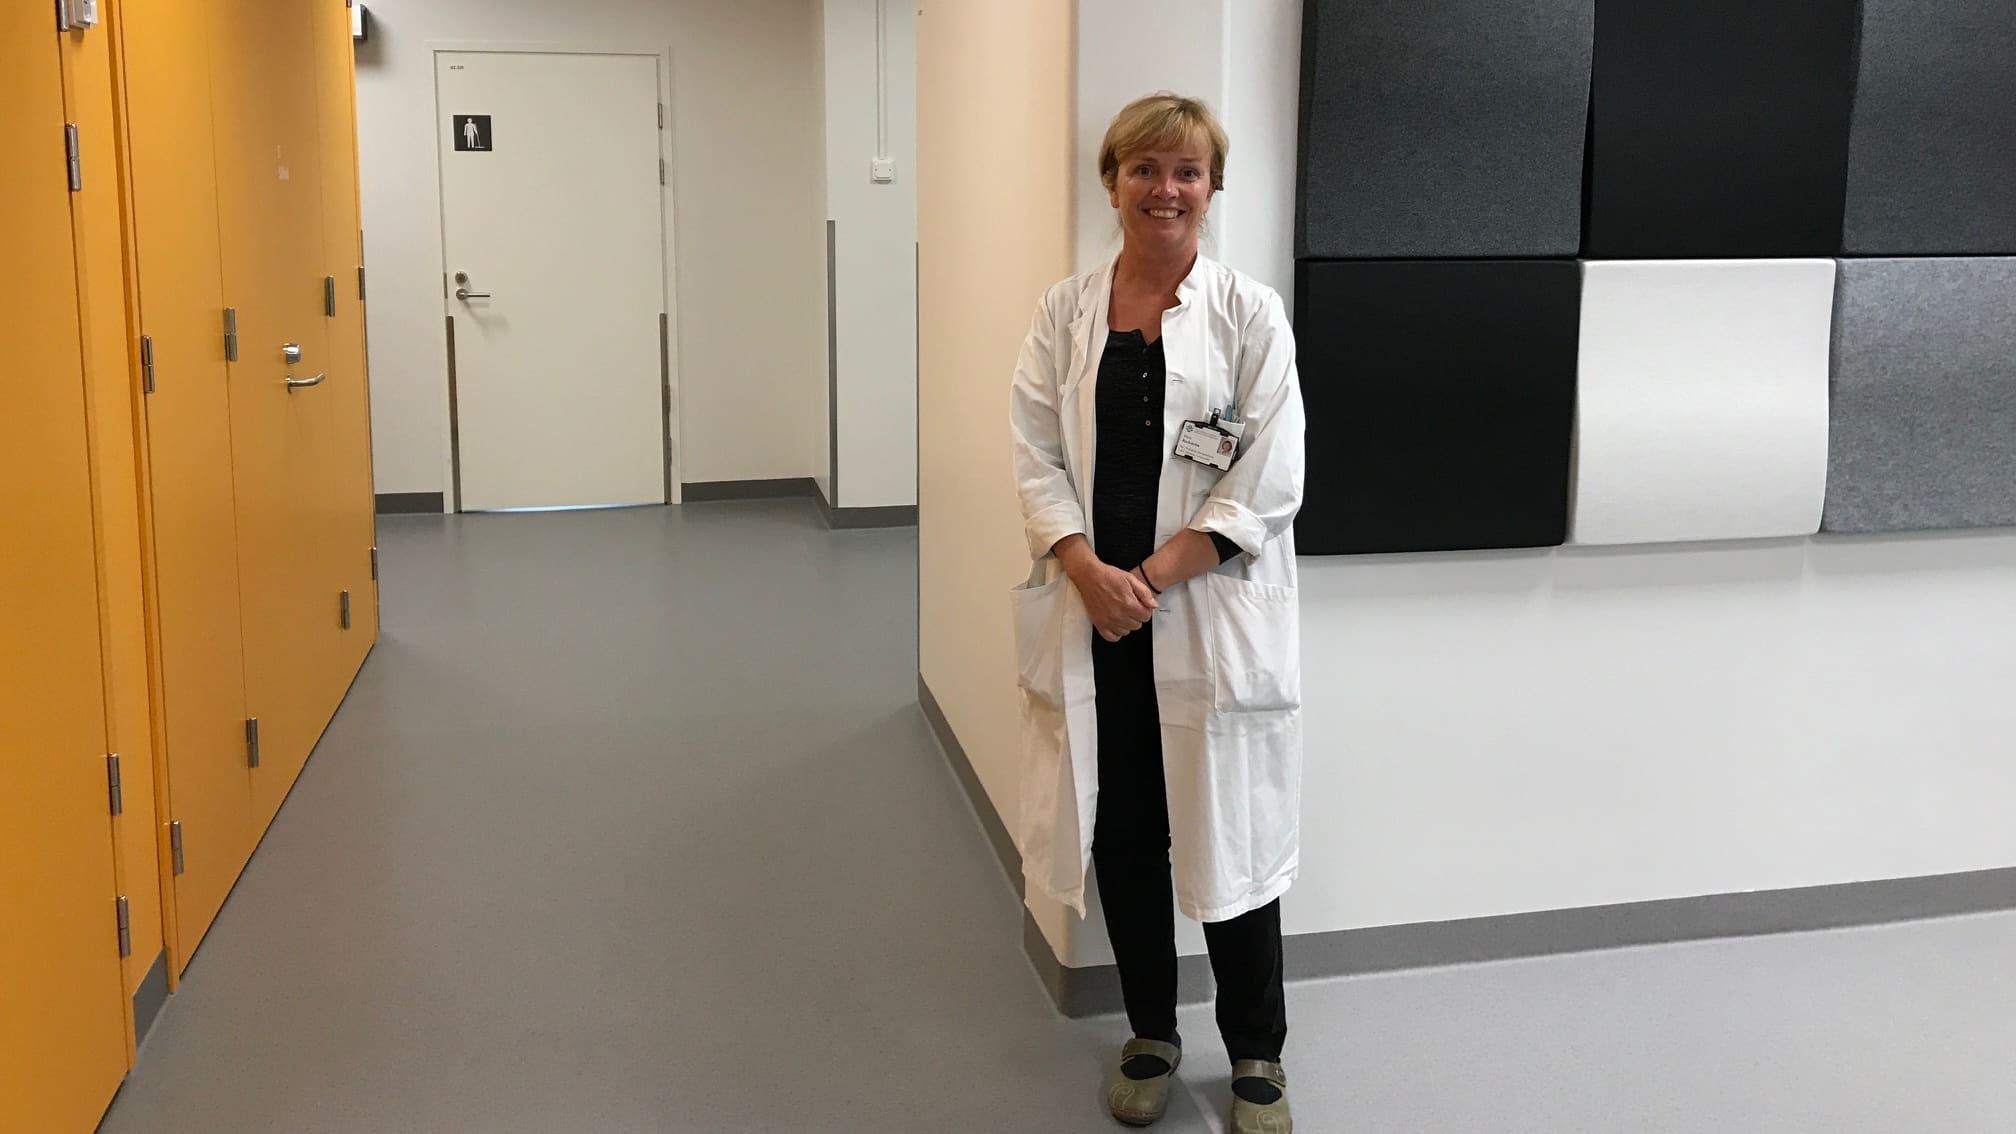 Maria Backström i en korridor på sjukhuset.